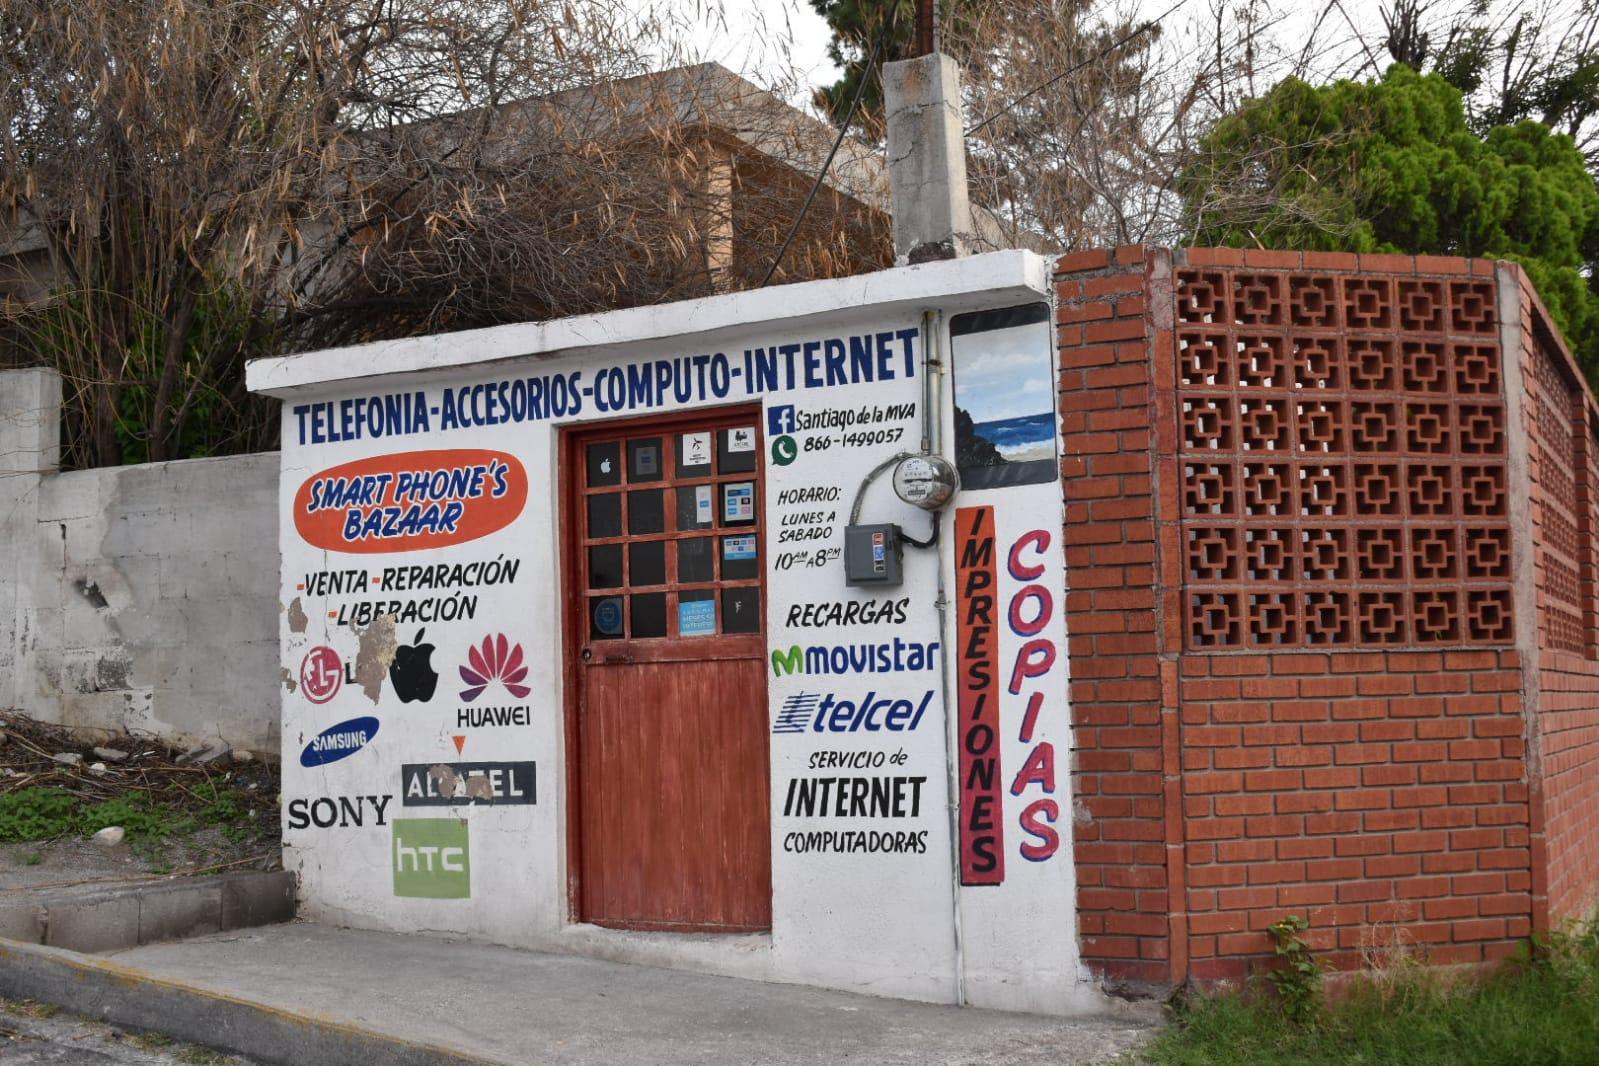 Vacían local de celulares en Monclova